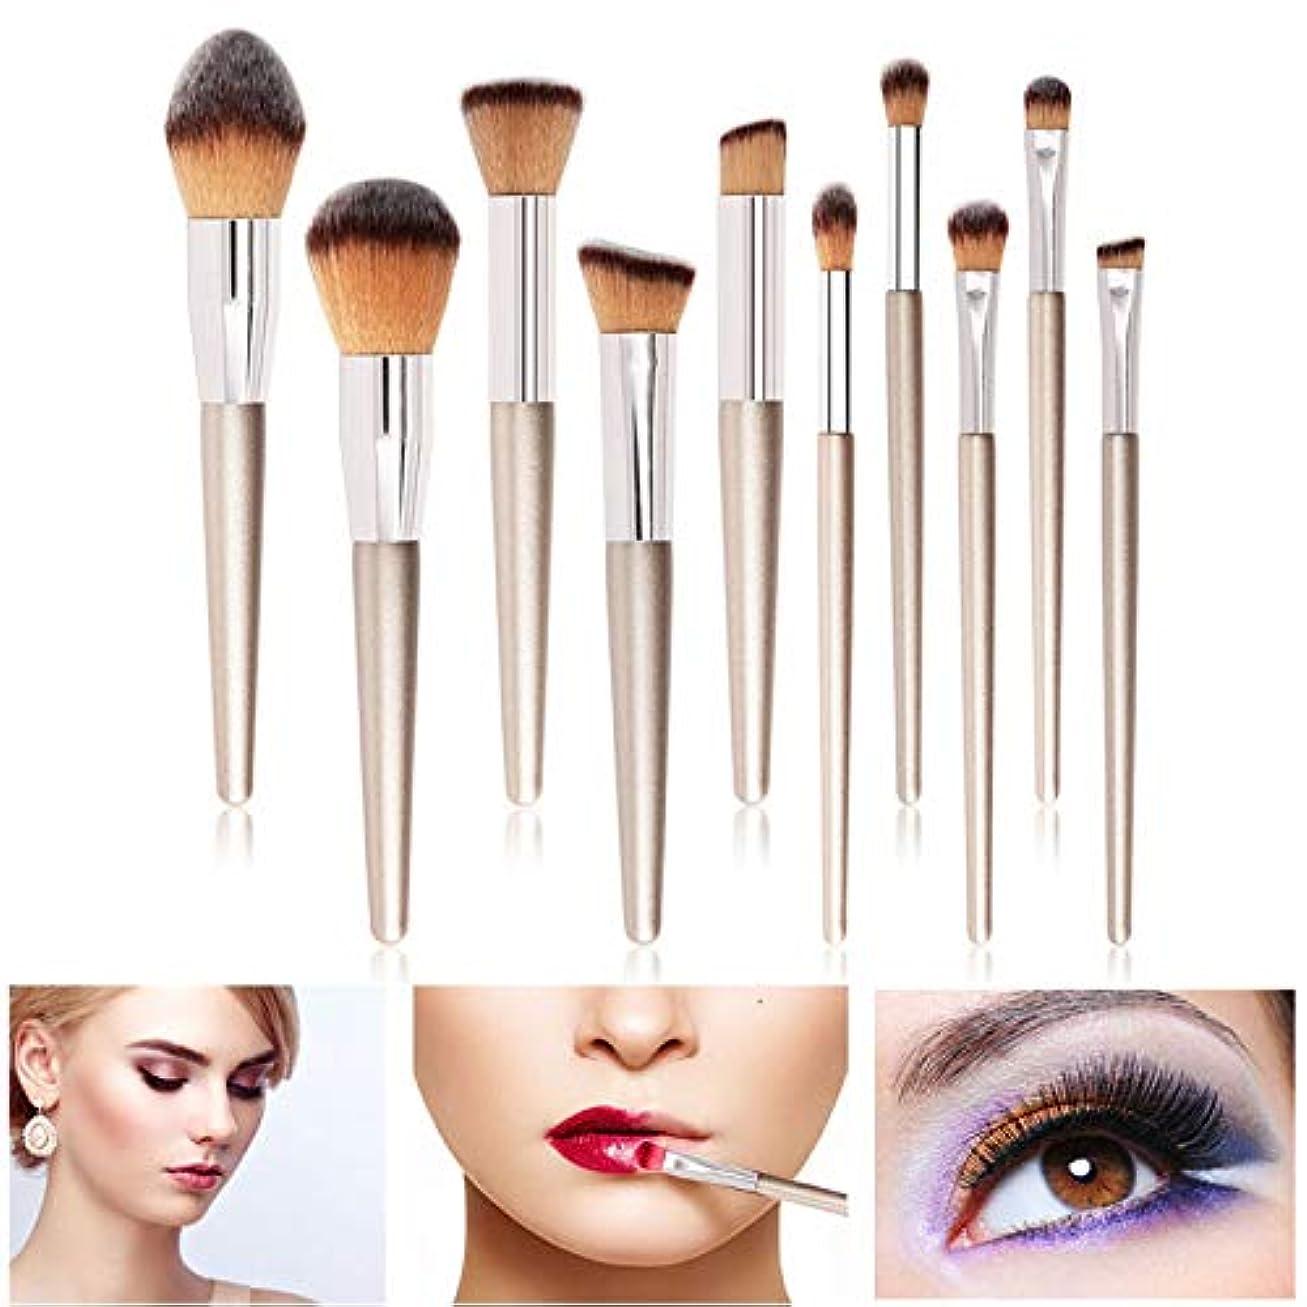 熟練したバーチャル先生Symboat 10本化粧ブラシソフトアイシャドウファンデーションブラッシュポータブル美容ツール用女性